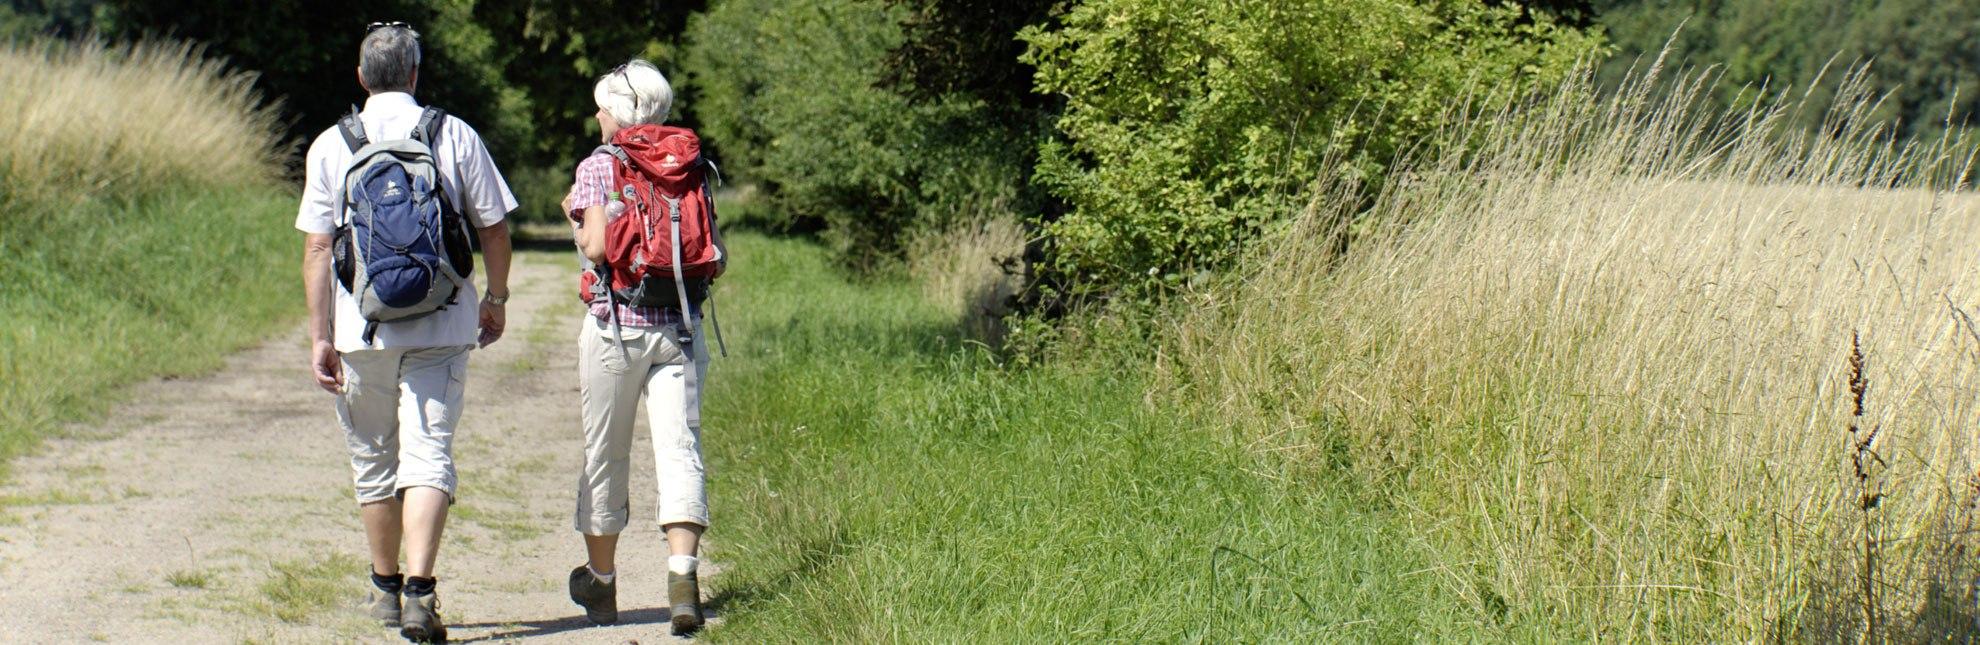 Wandern zwischen den Wiesen, Seen und Wäldern des Naturparks Lauenburgische Seen., © photocompany GmbH / HLMS GmbH